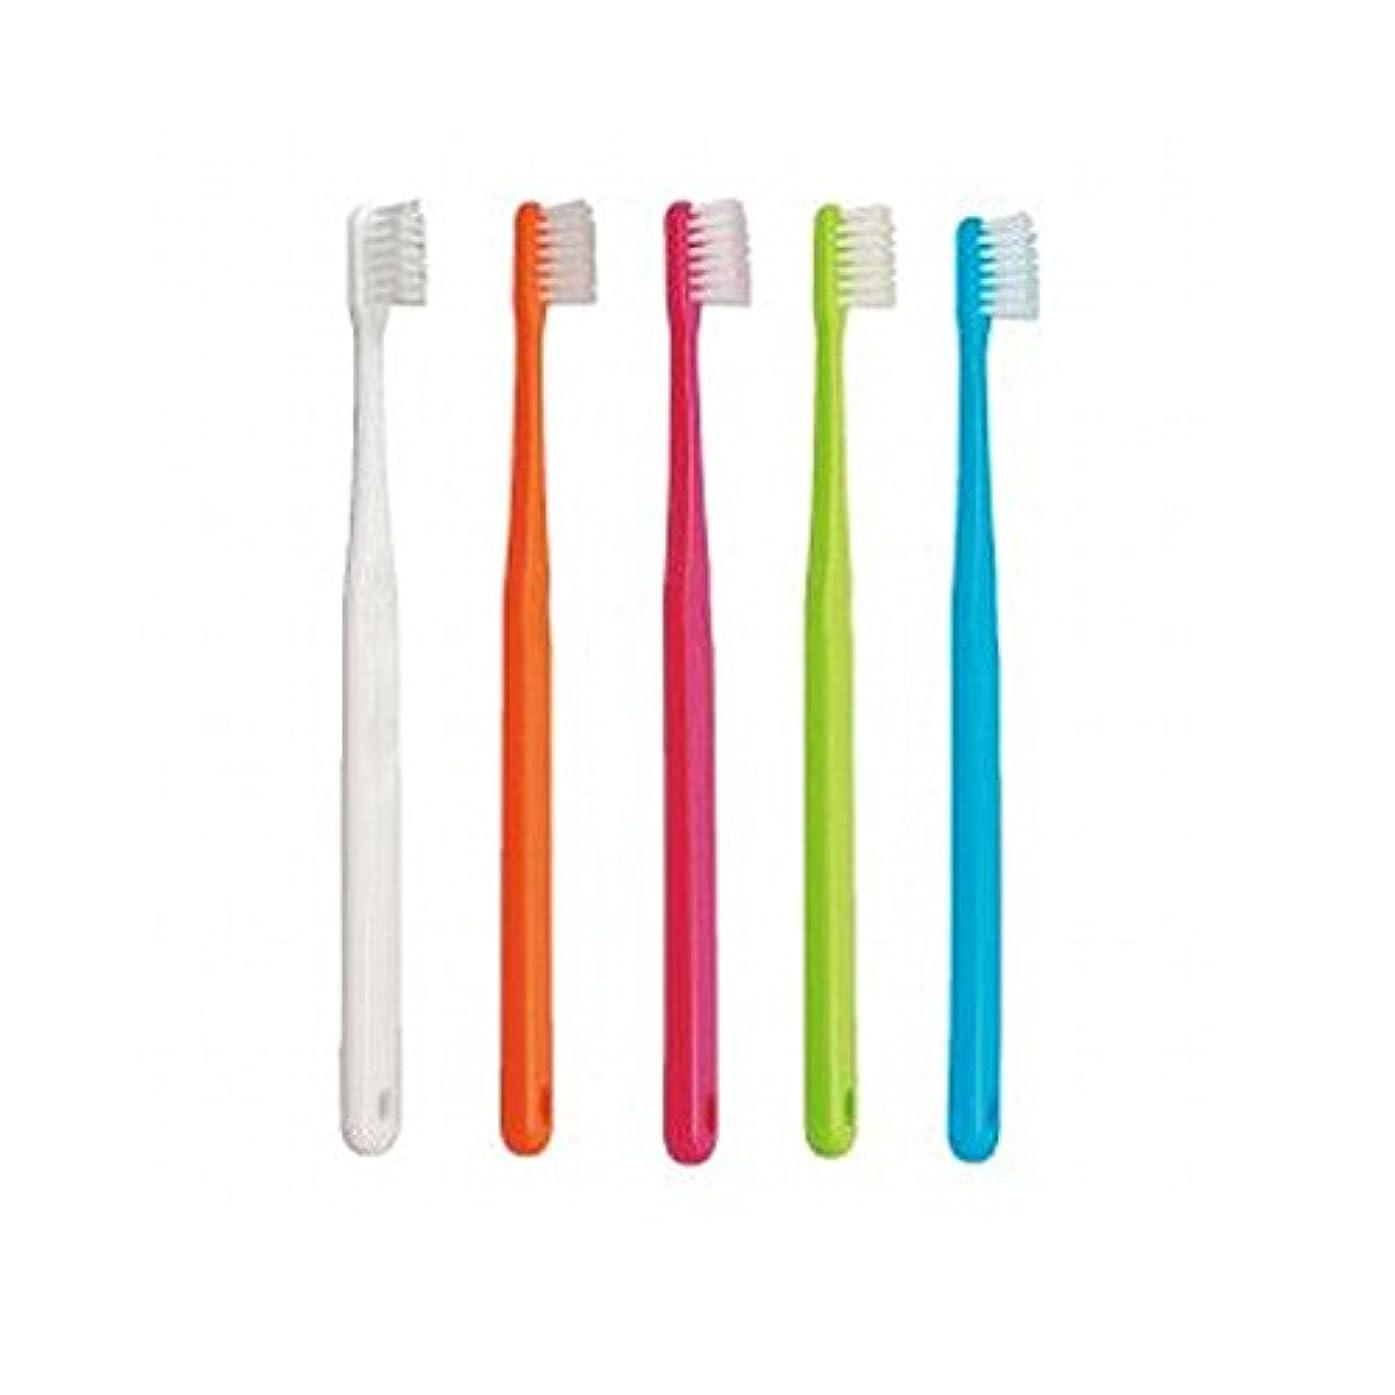 ひいきにする同化ウール【Ci/シーアイ】【歯科用】Ci701 25本【歯ブラシ】【ややかため】【極薄ヘッド】ハンドルカラー5色選択不可